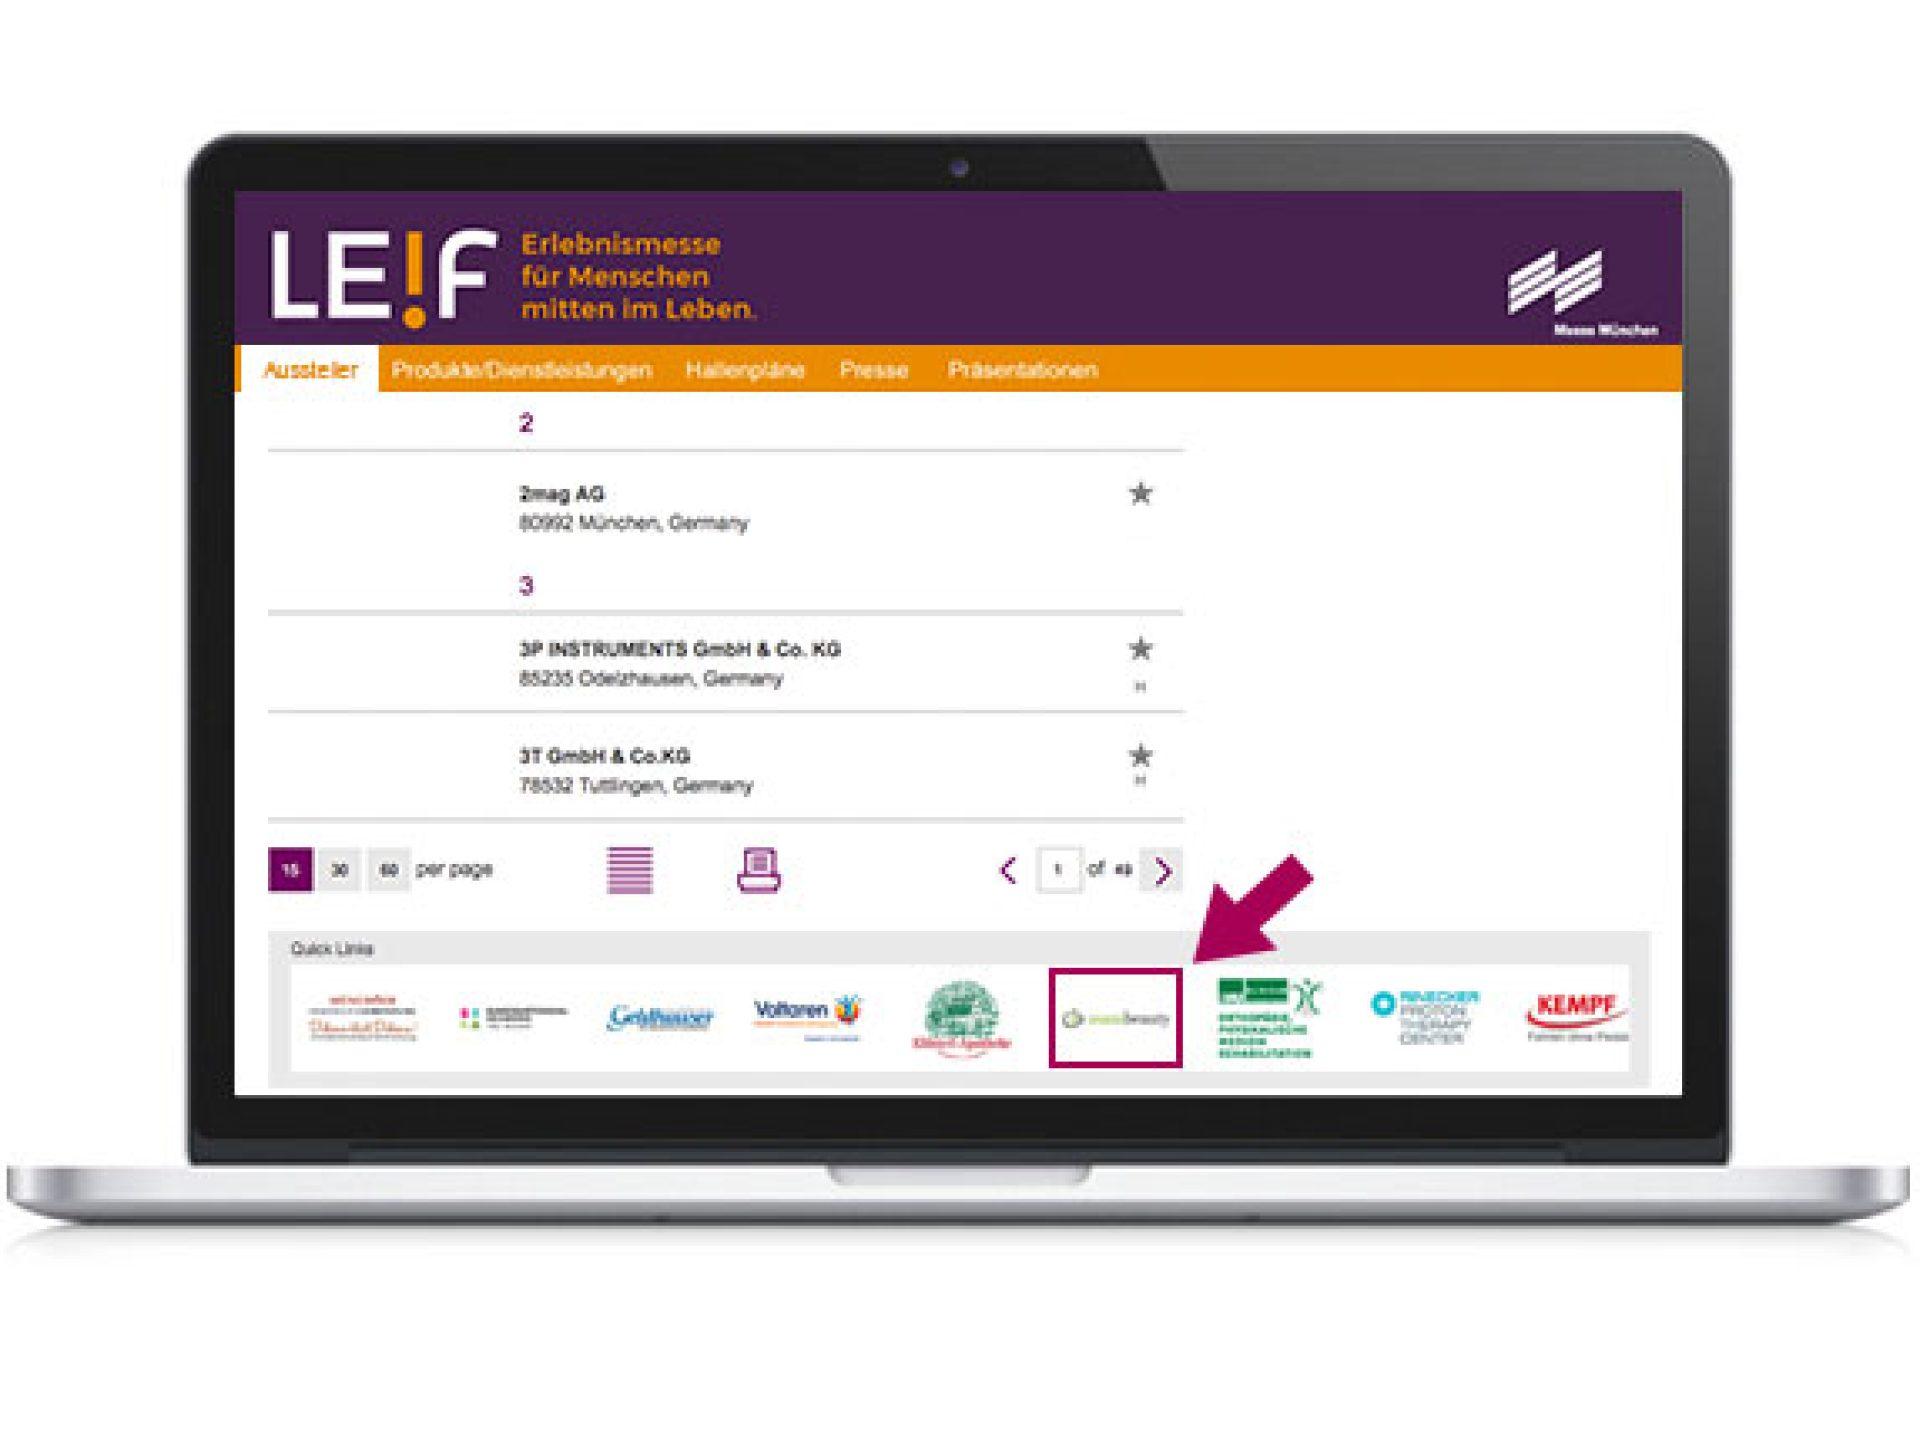 Logo-Banner im Online-Katalog